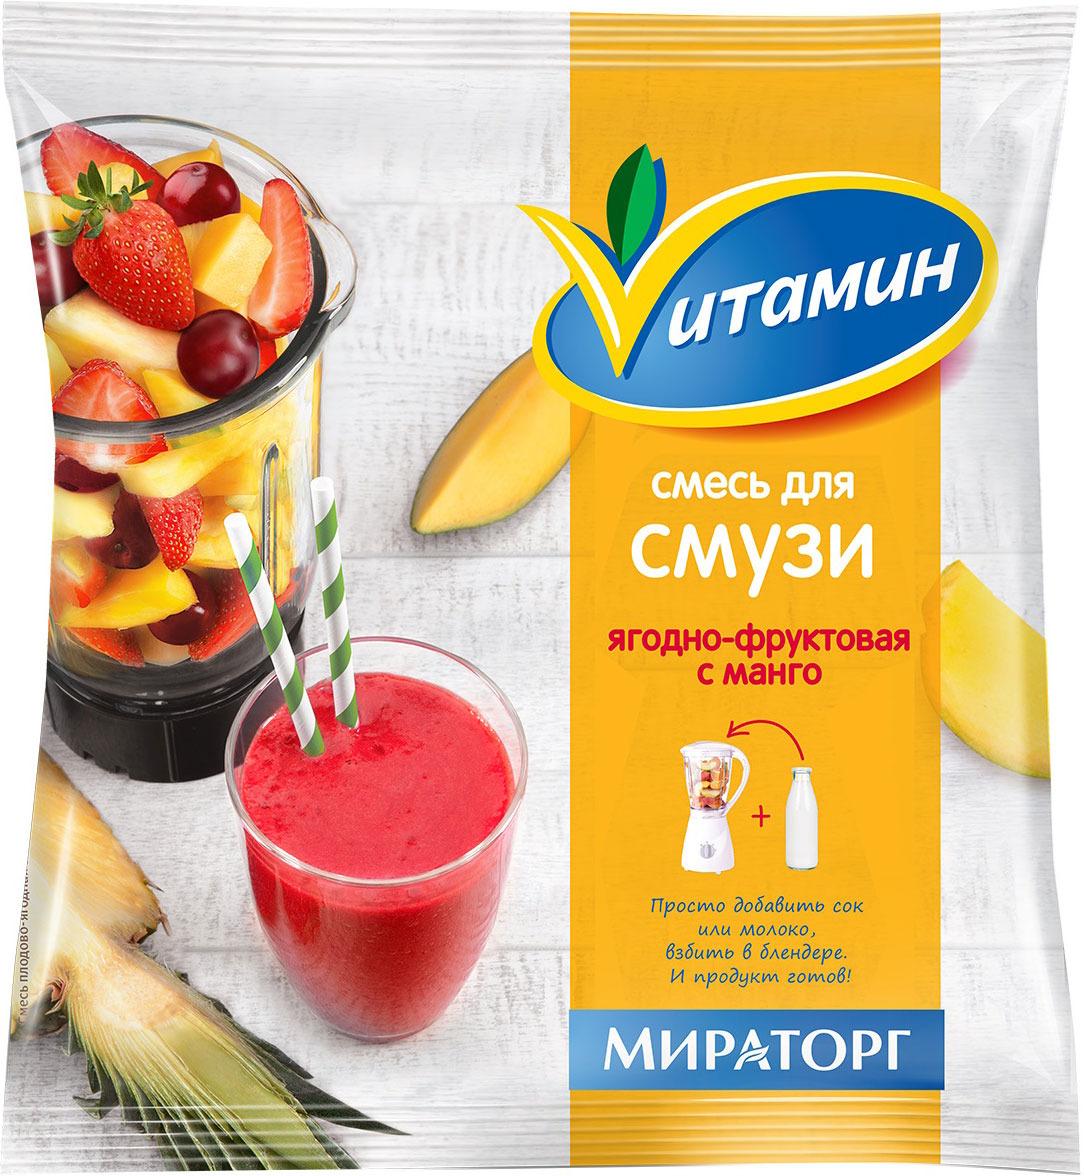 Смесь для смузи ягодно-фруктовая с манго Vитамин, 300 г Мираторг